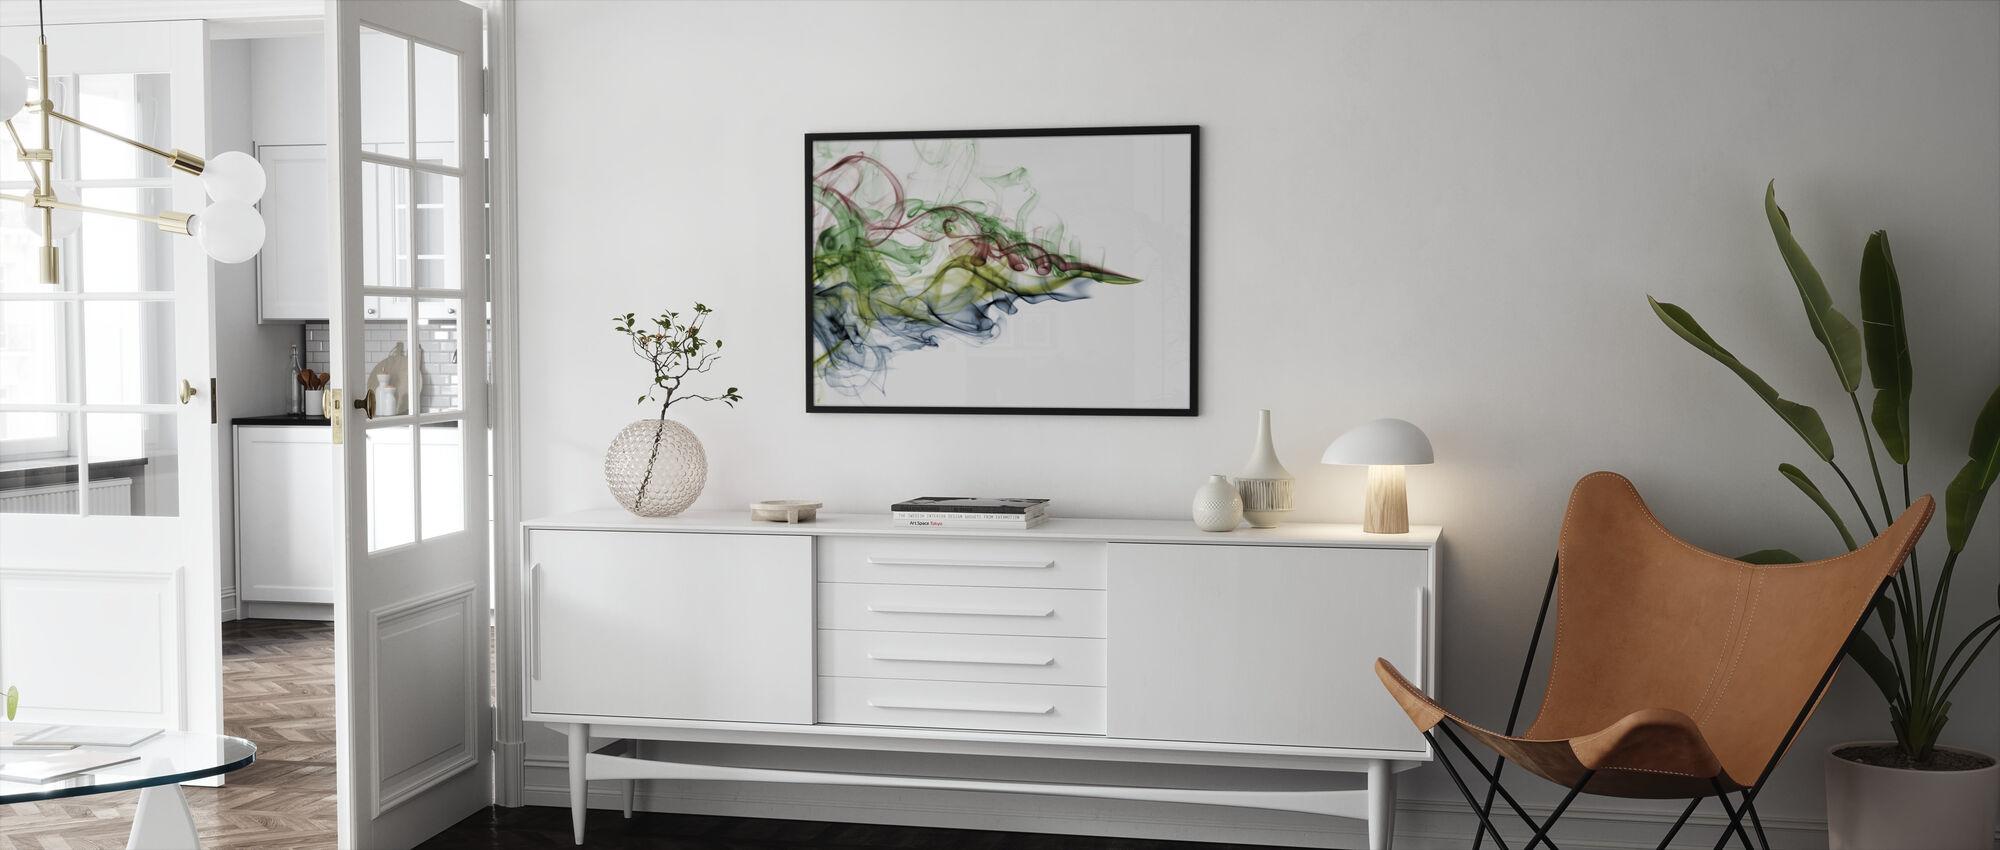 Väri Savu - Kehystetty kuva - Olohuone